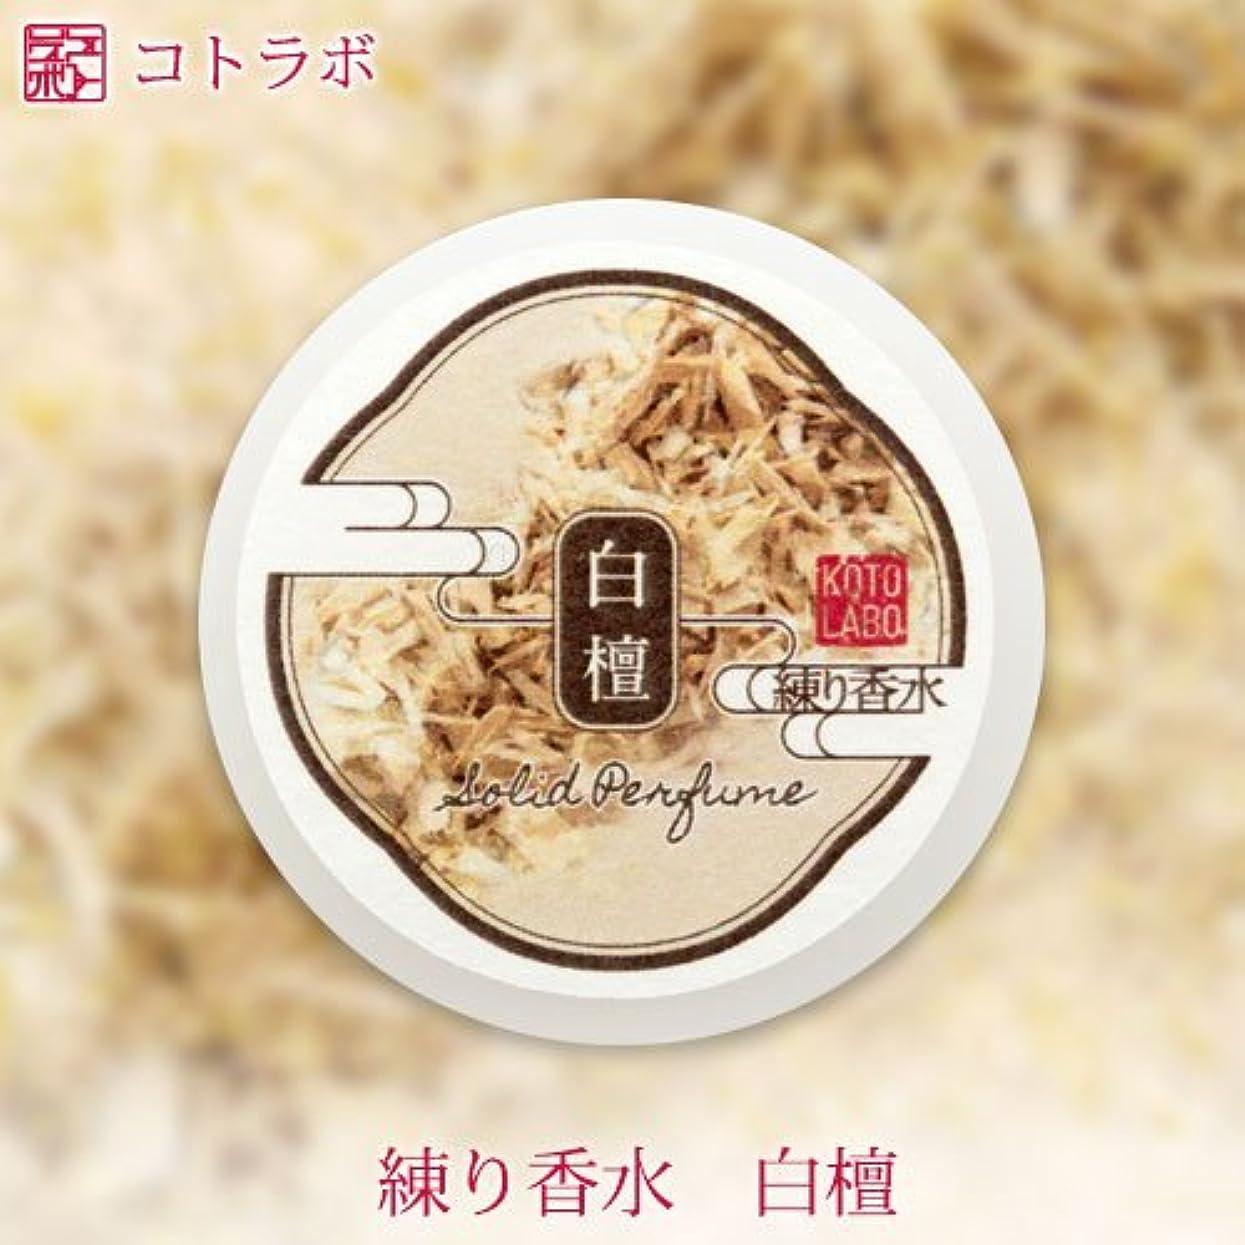 意気込み祖母時間厳守金箔透明練り香水 白檀の香り ソリッドパフューム Kotolabo solid perfume, Sandalwood